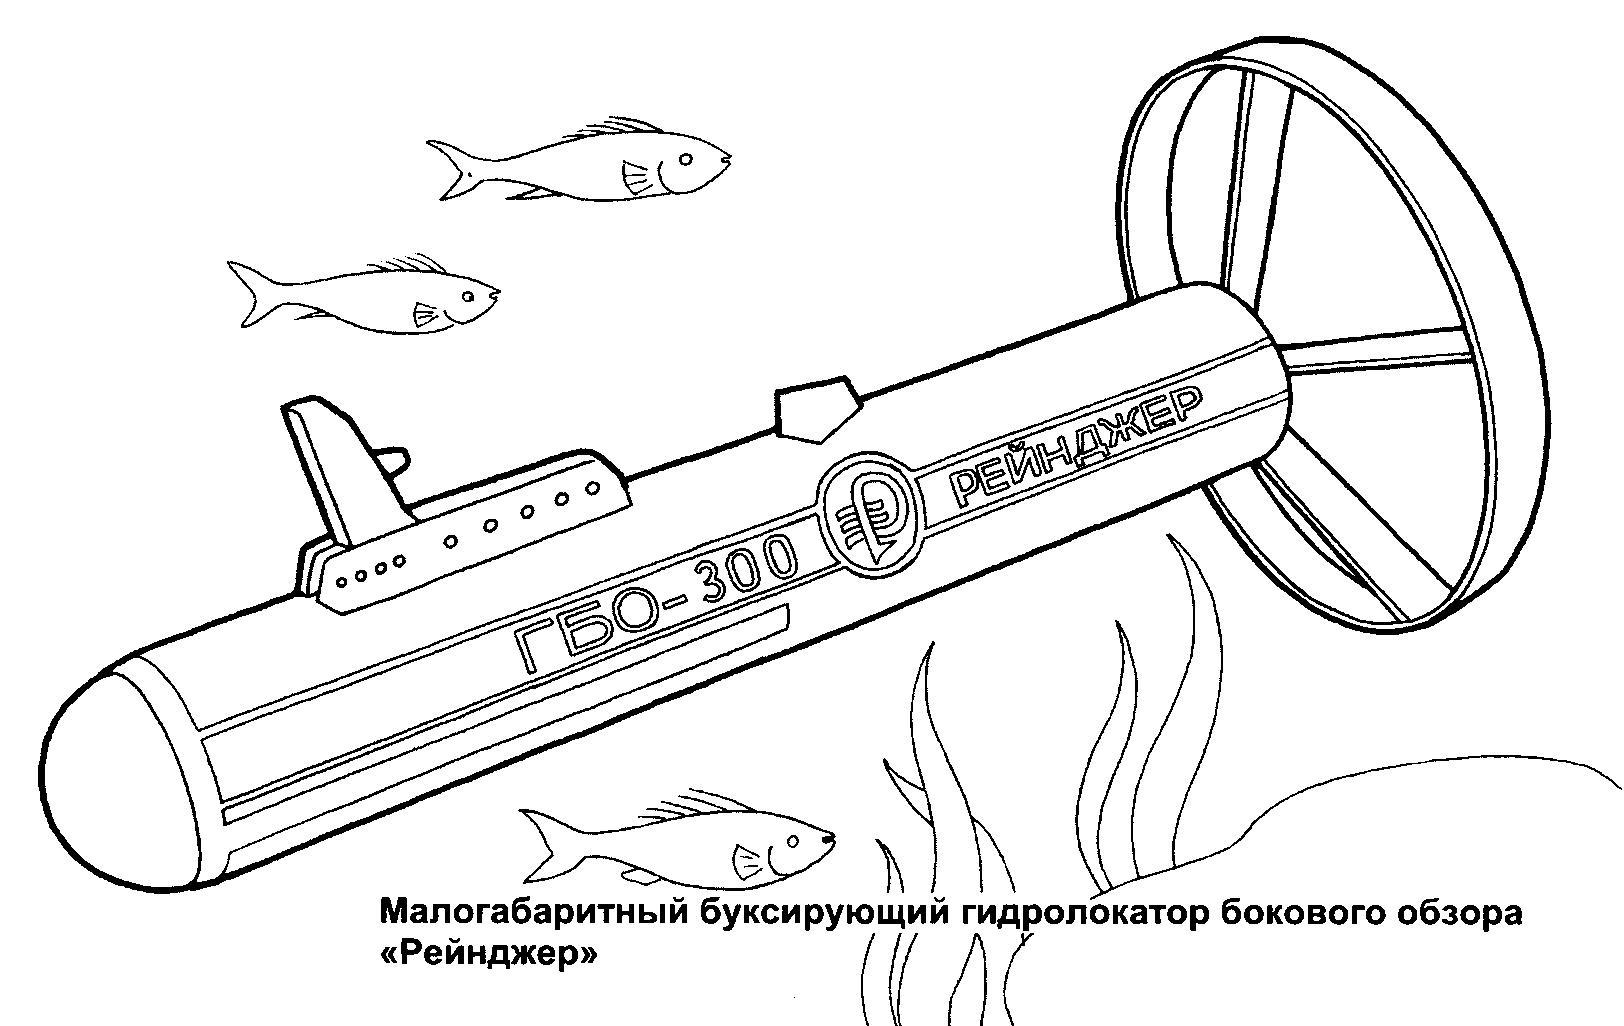 Раскраски корабли, подводные лодки, гидролокатор